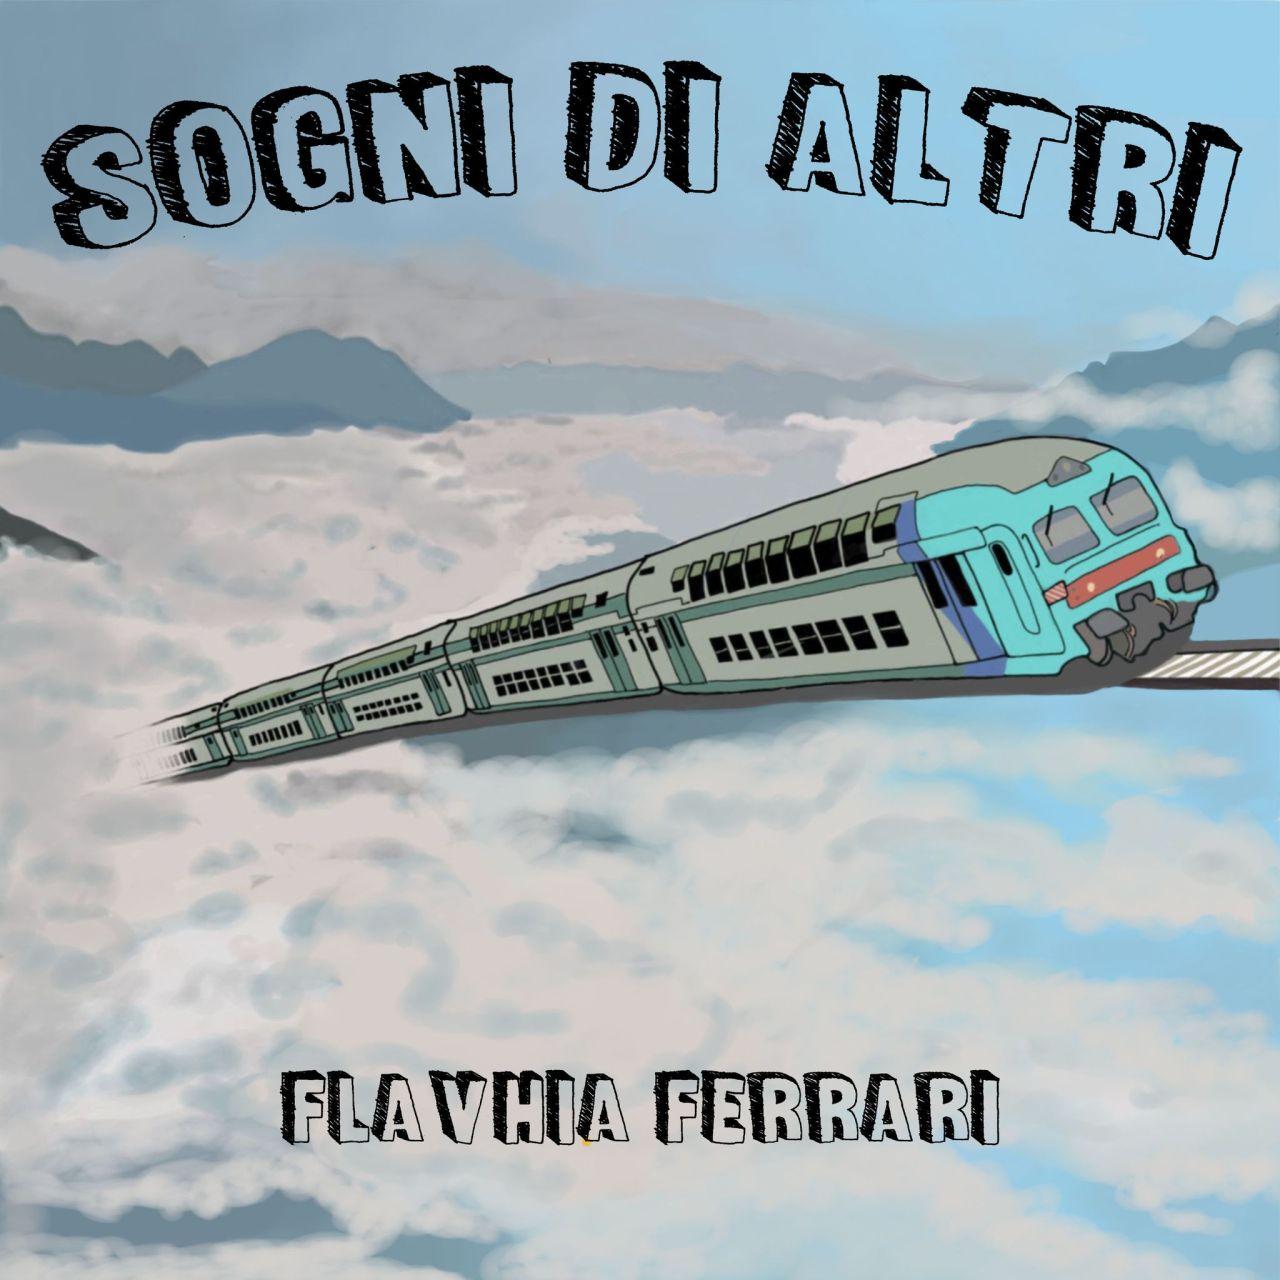 """Flavhia Ferrari – è uscito il nuovo singolo """"Sogni dialtri"""""""